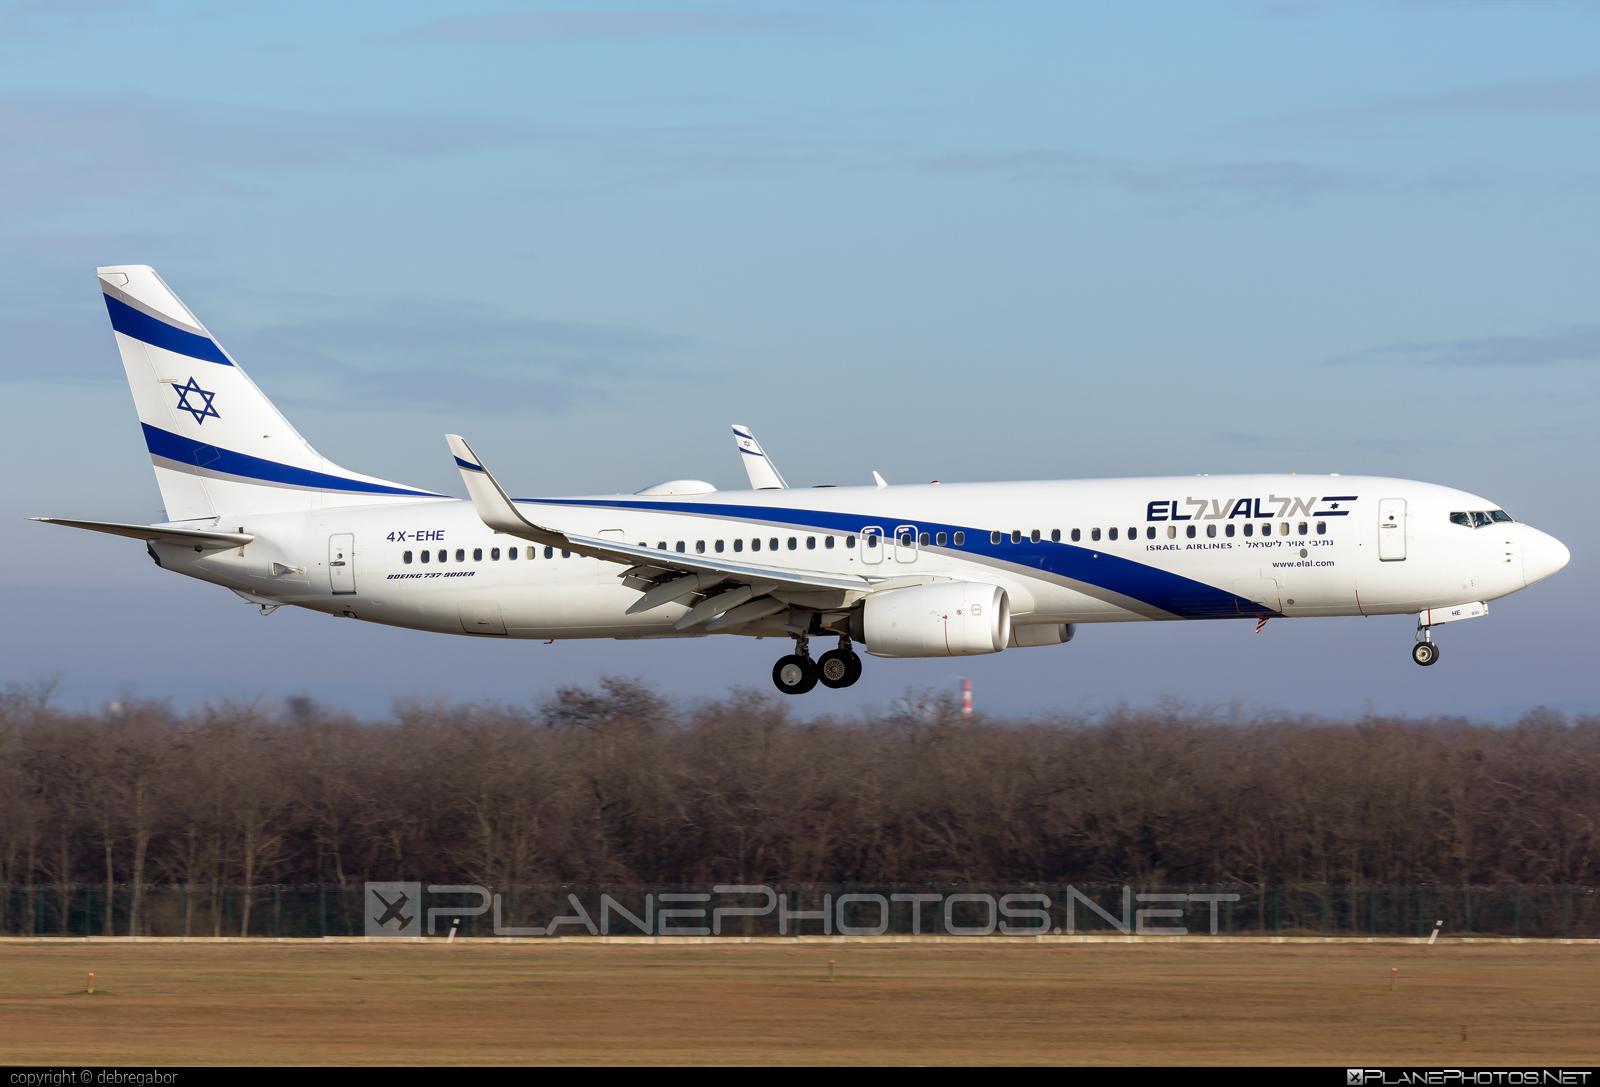 Boeing 737-900ER - 4X-EHE operated by El Al Israel Airlines #b737 #b737er #b737nextgen #b737ng #boeing #boeing737 #elal #elalisraelairlines #israelairlines